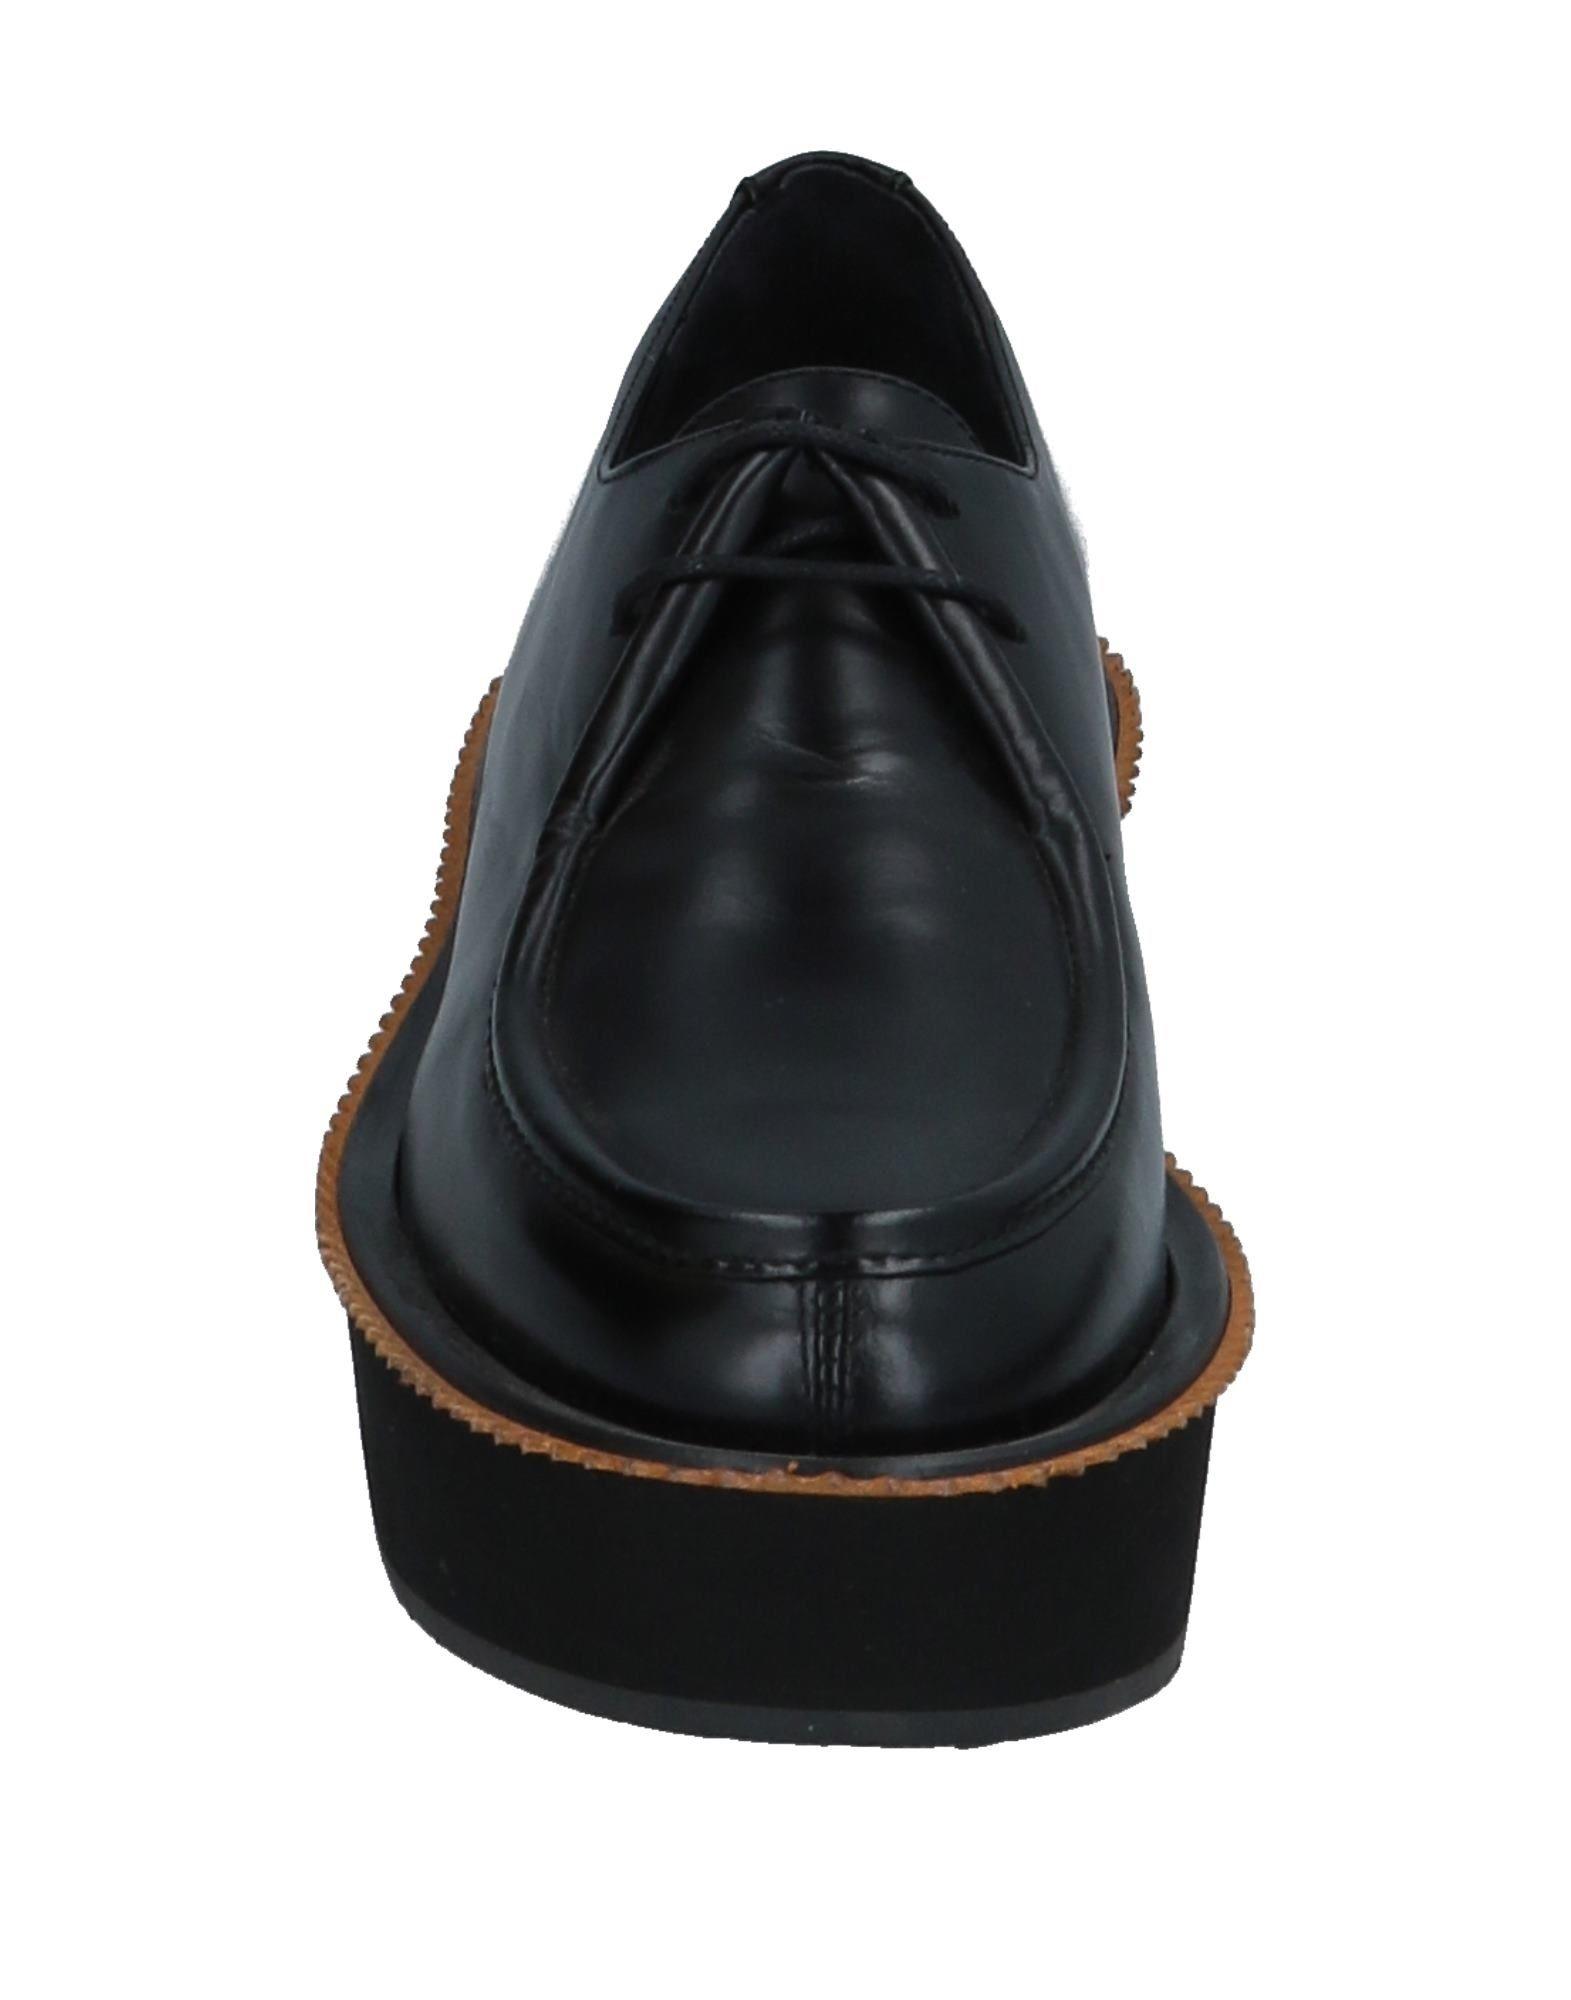 Gut Barceló um billige Schuhe zu tragenPaloma Barceló Gut Schnürschuhe Damen  11533776HF f9e383